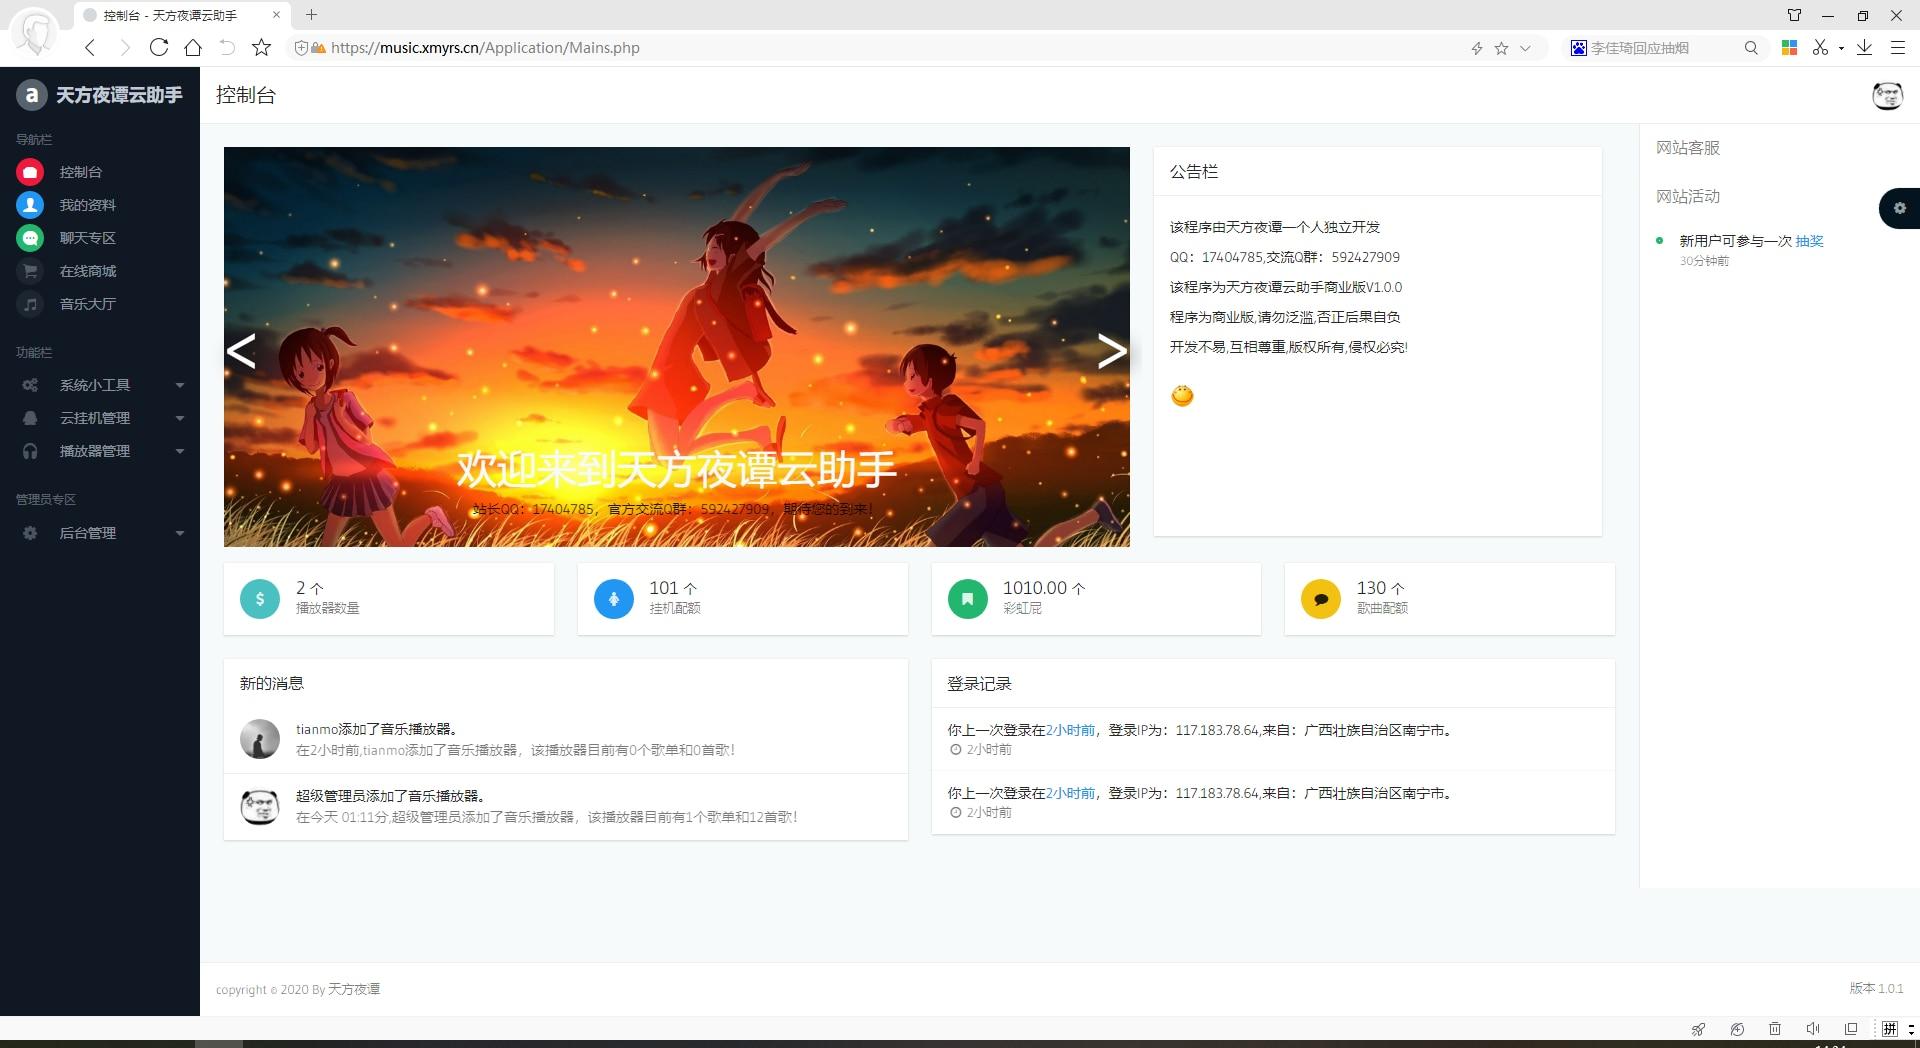 【完全开源】天方夜谭云助手V1.0.1破解版